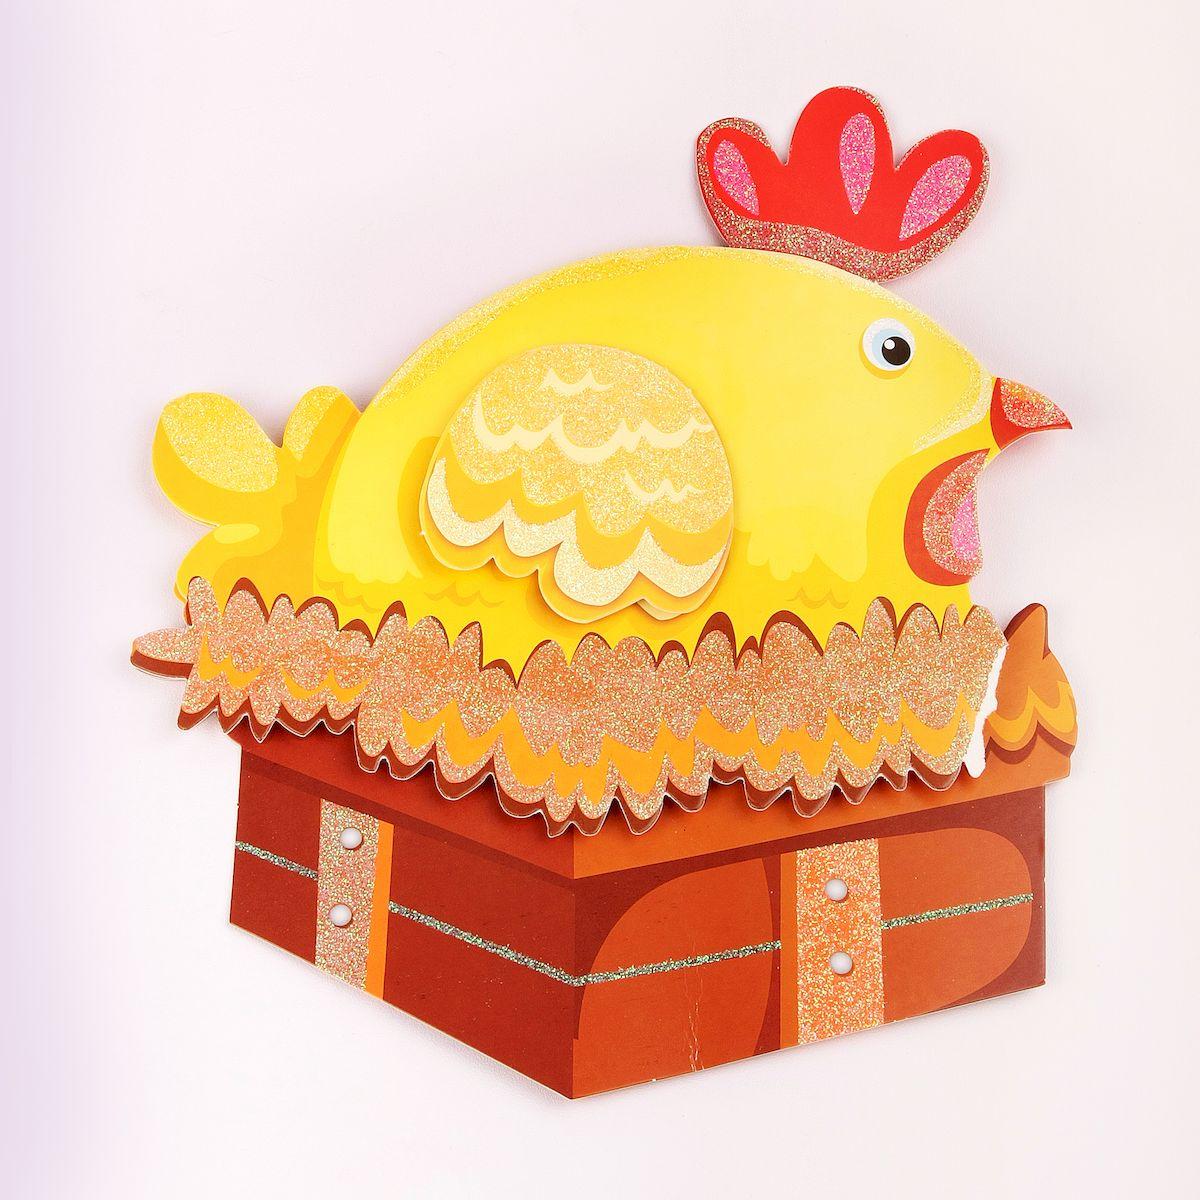 Наклейка декоративная Magic Home Курочка, 35,5 х 25 смTEMP-04Яркая, забавная наклейка украсит не только детскую комнату, но и станет отличным дополнением к любому подарку. Наклейку можно использовать как украшение стен и, например, фасадов шкафов и различных ящиков.